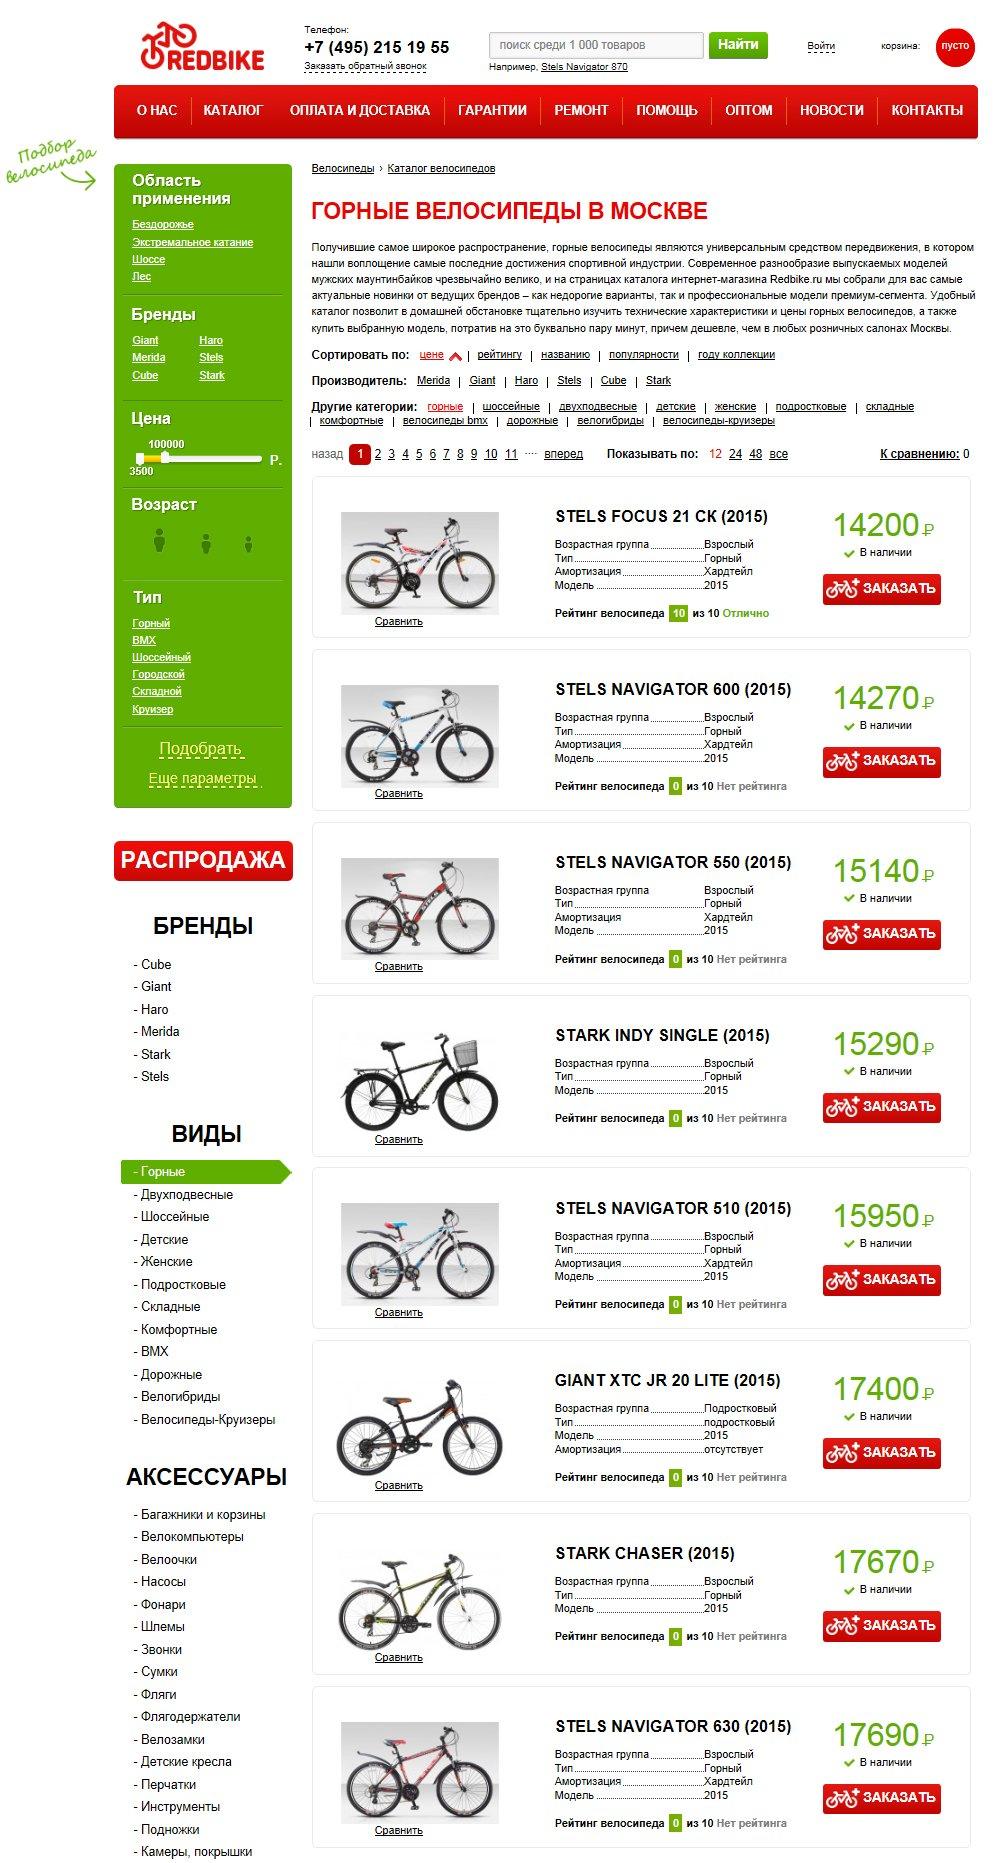 Каталог товаров в интернет-магазине Редбайк